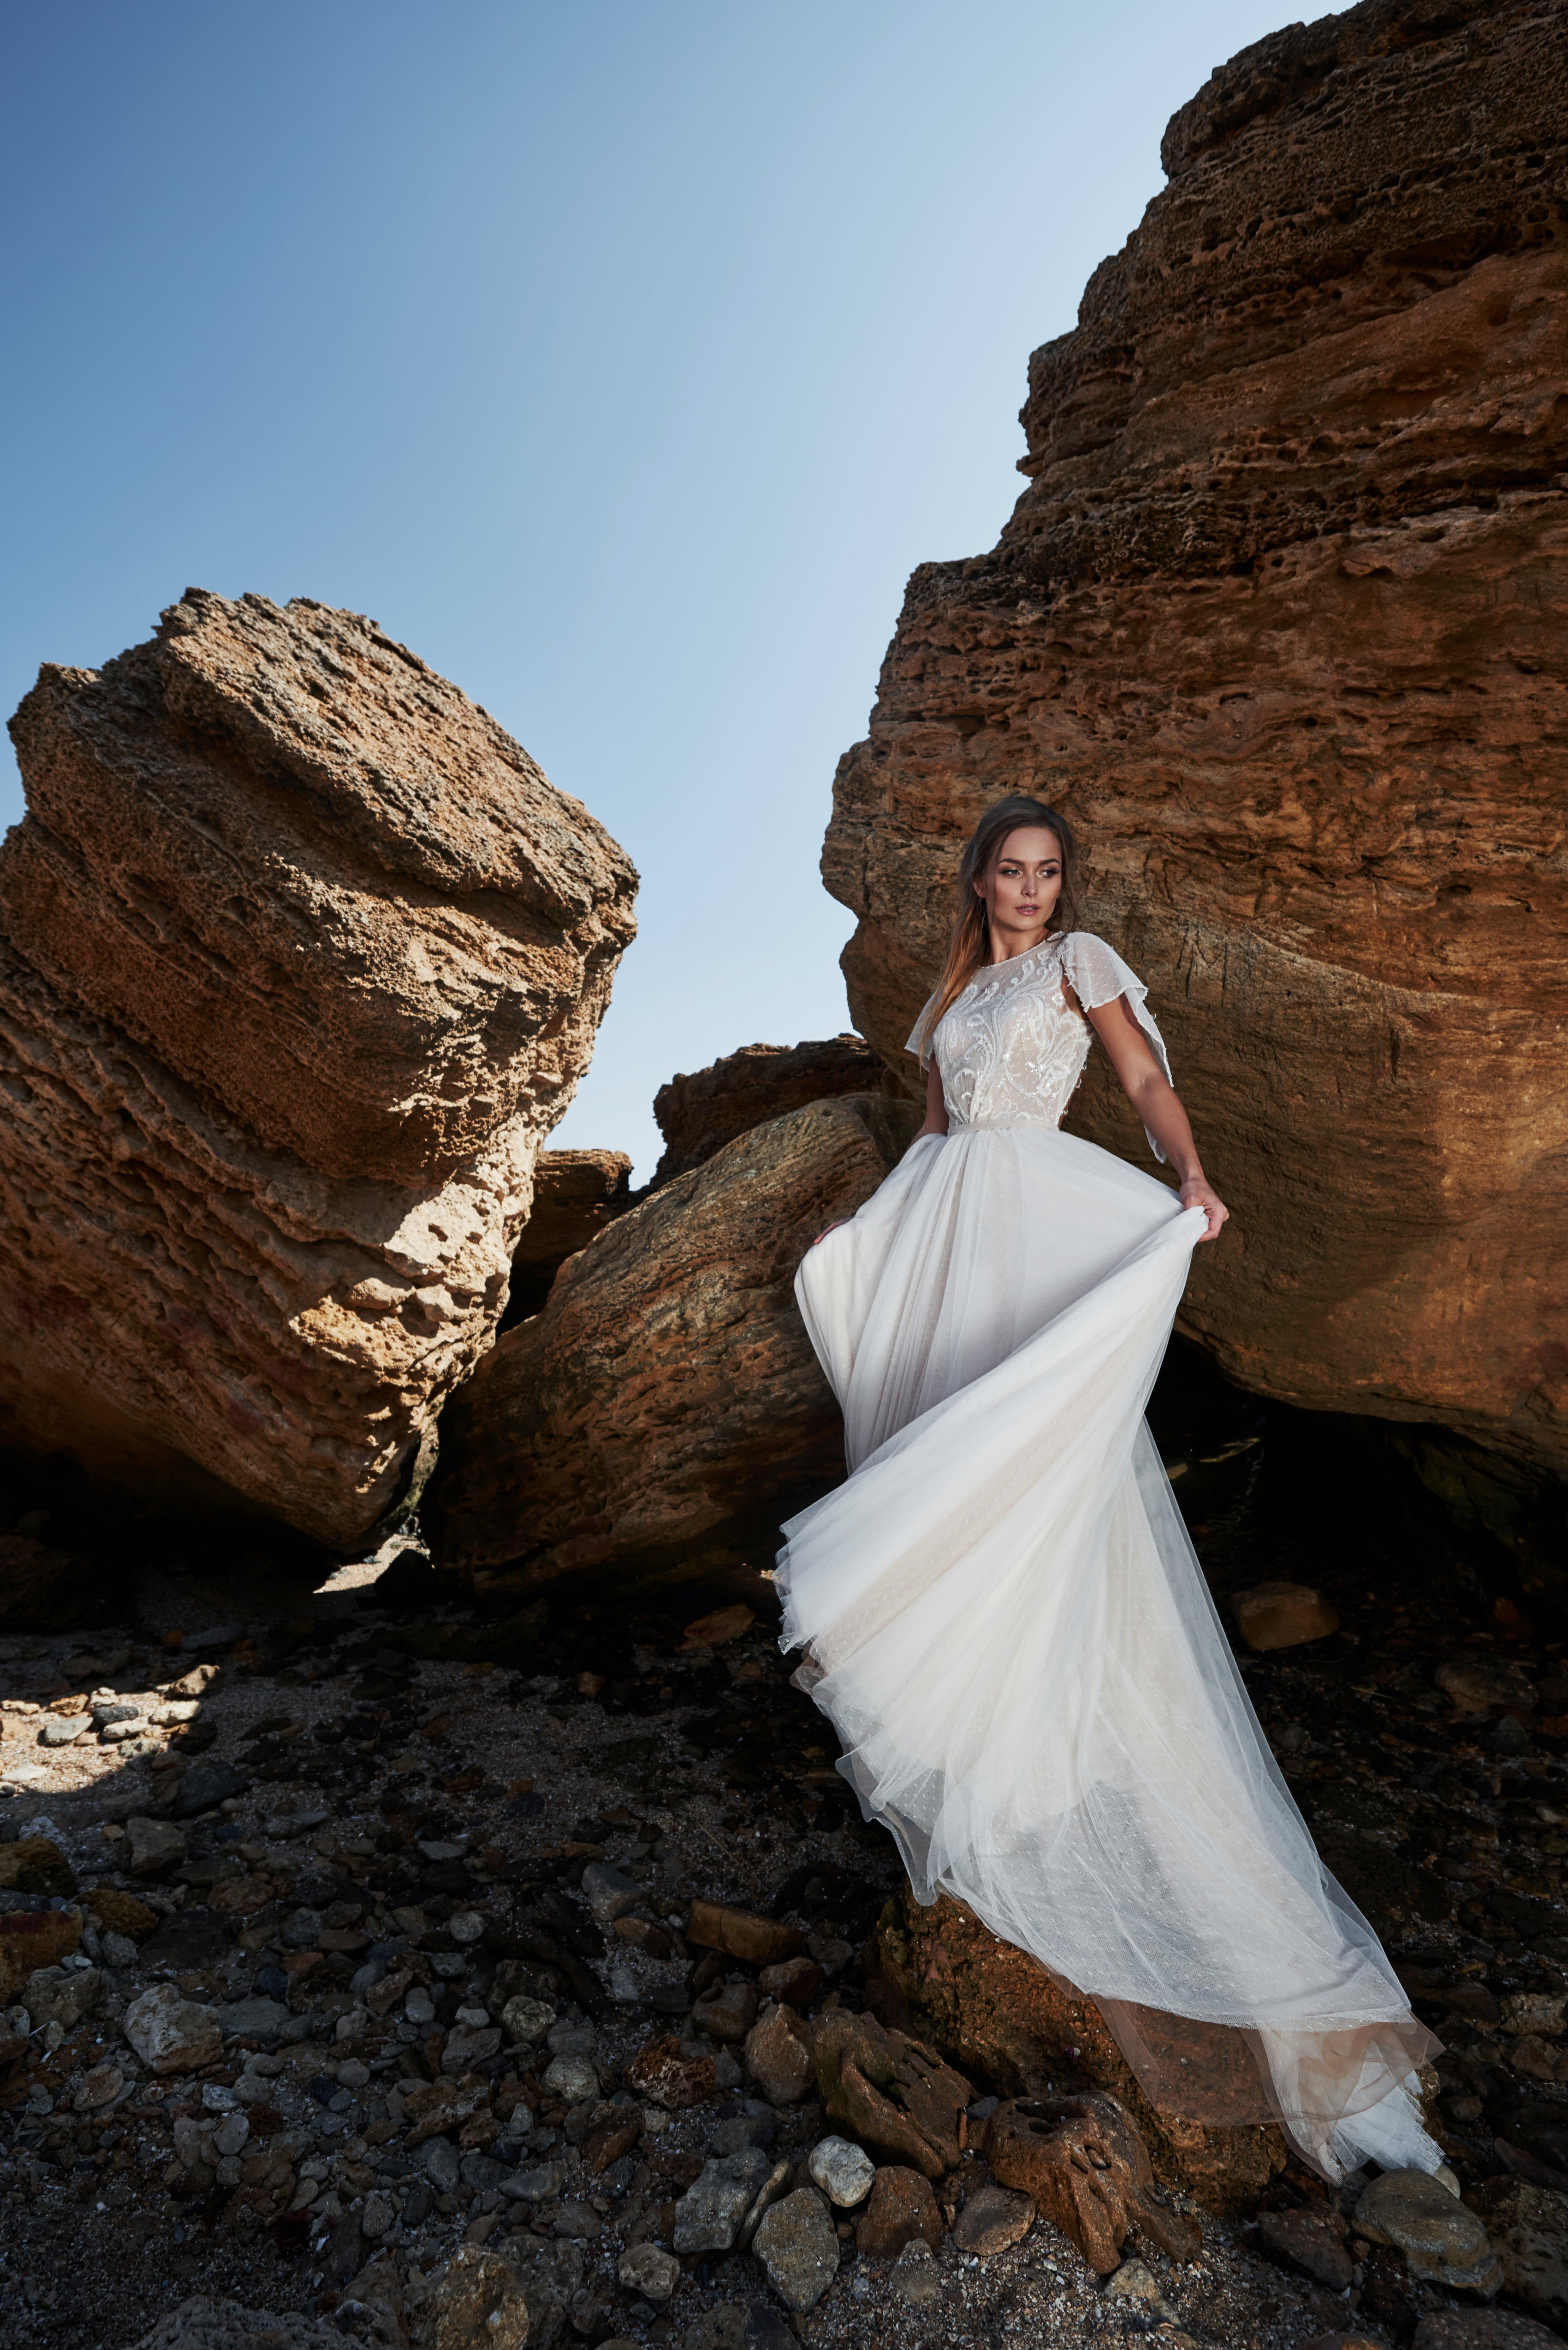 Next day Γάμου - Φωτογράφιση στην παραλία